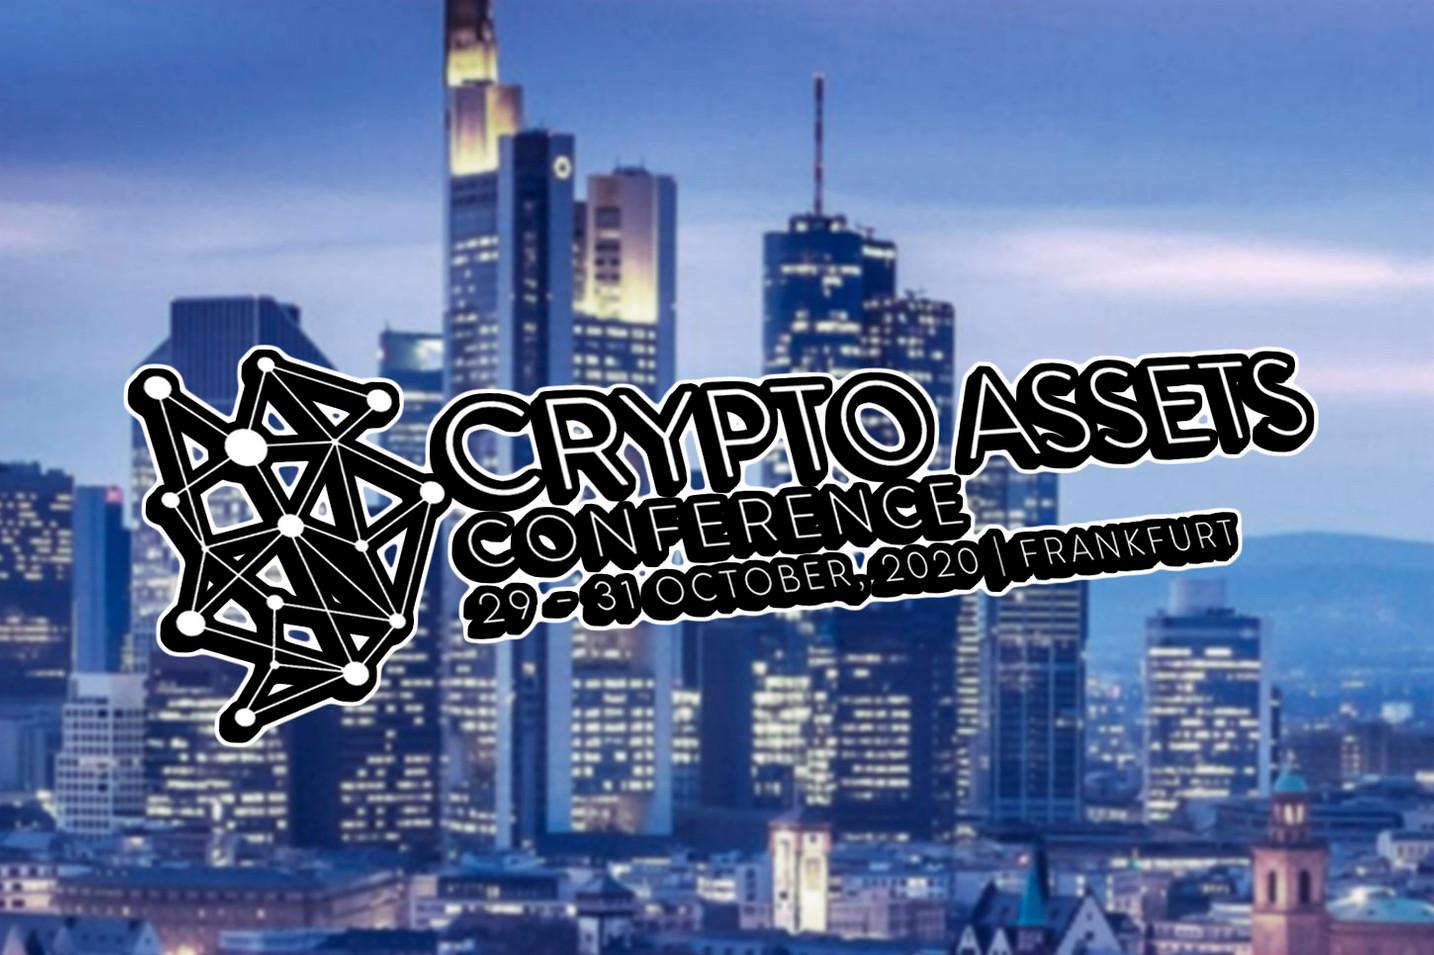 Crypto Assets Conference 2020B im Hybrid-Modus: online und offline